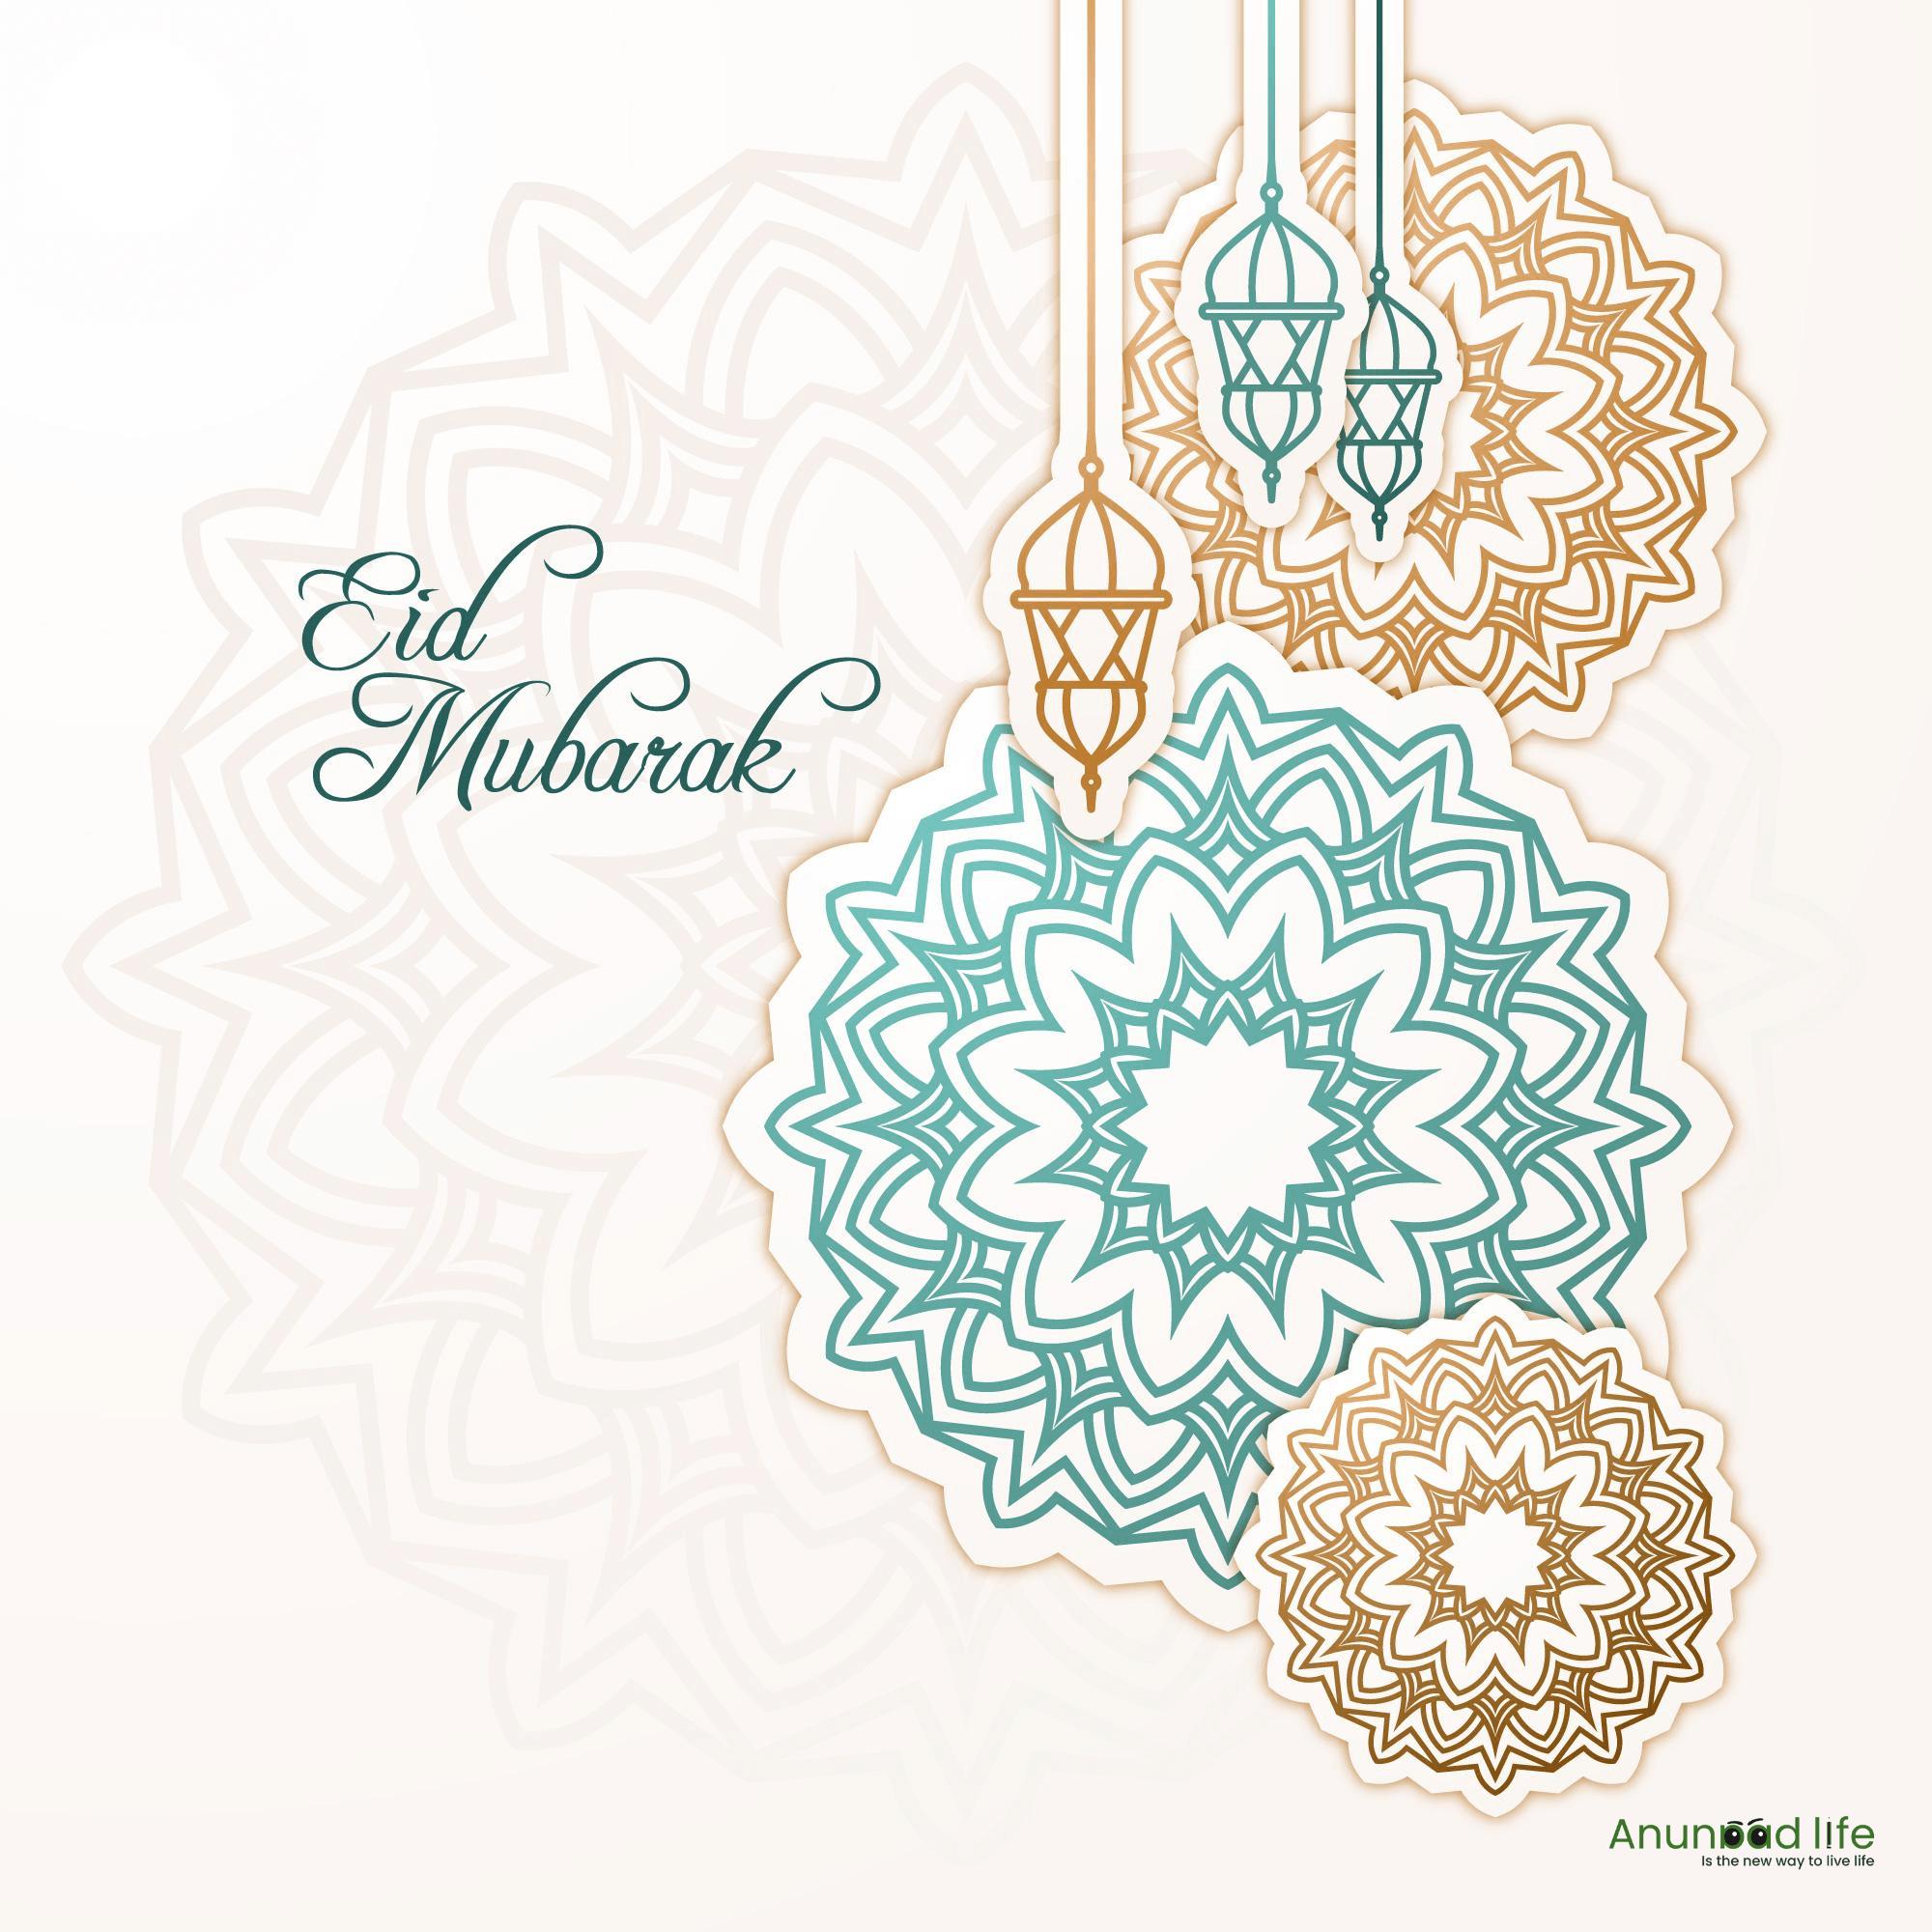 eid al adha hd image